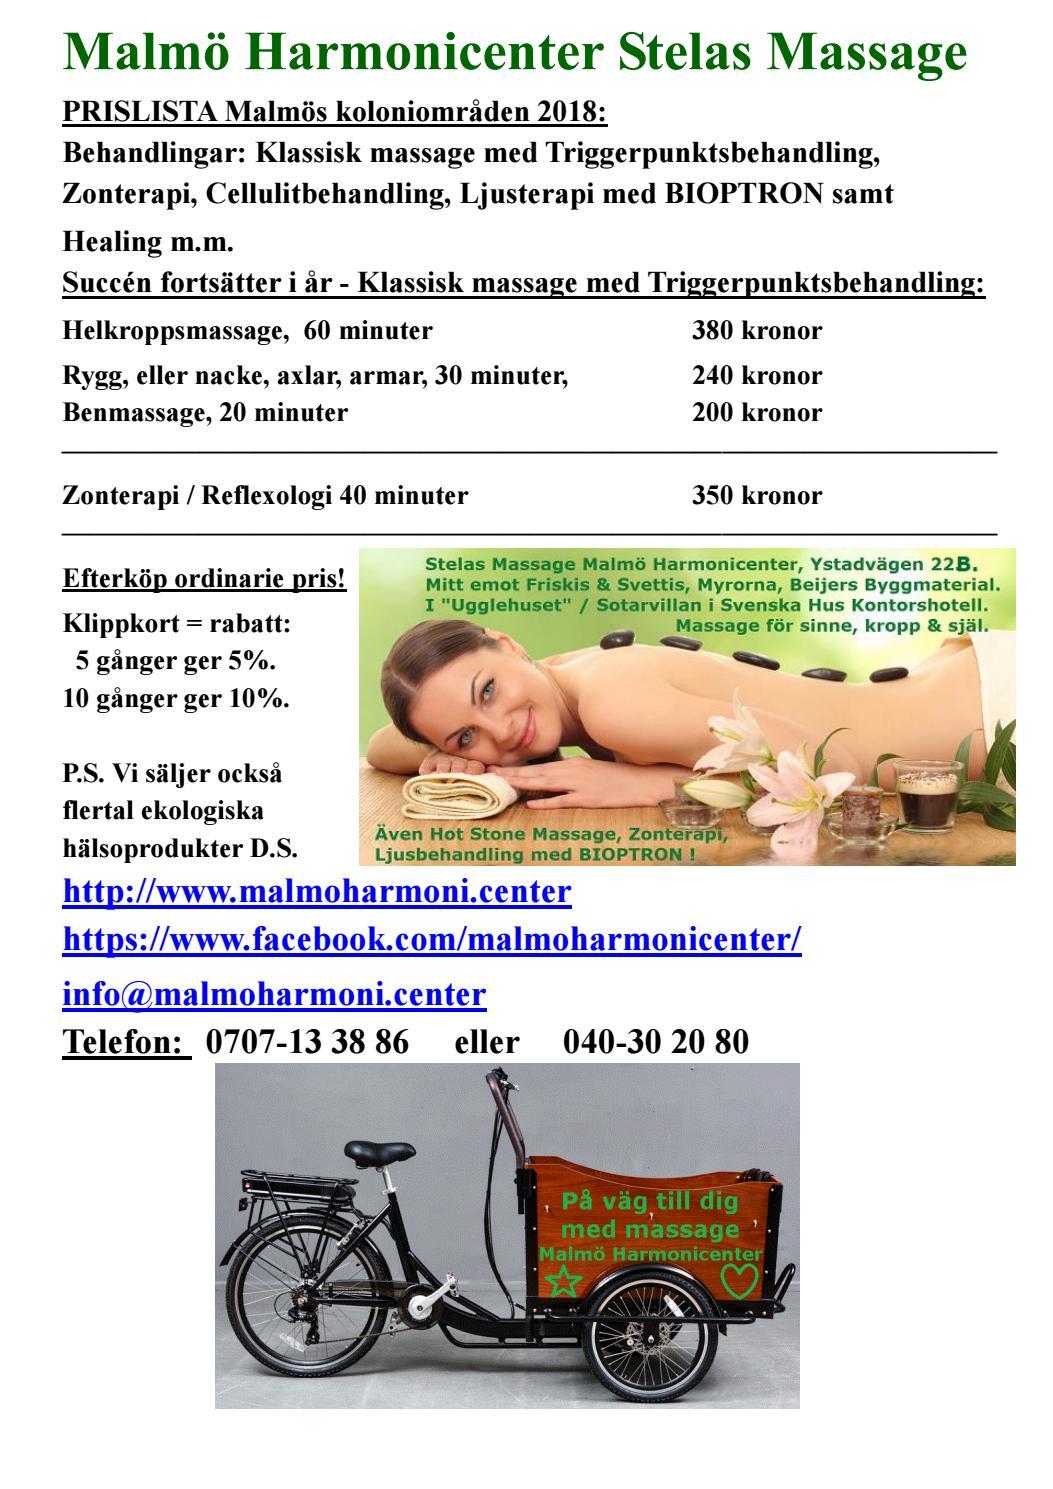 Facebook massage fett i Malmö